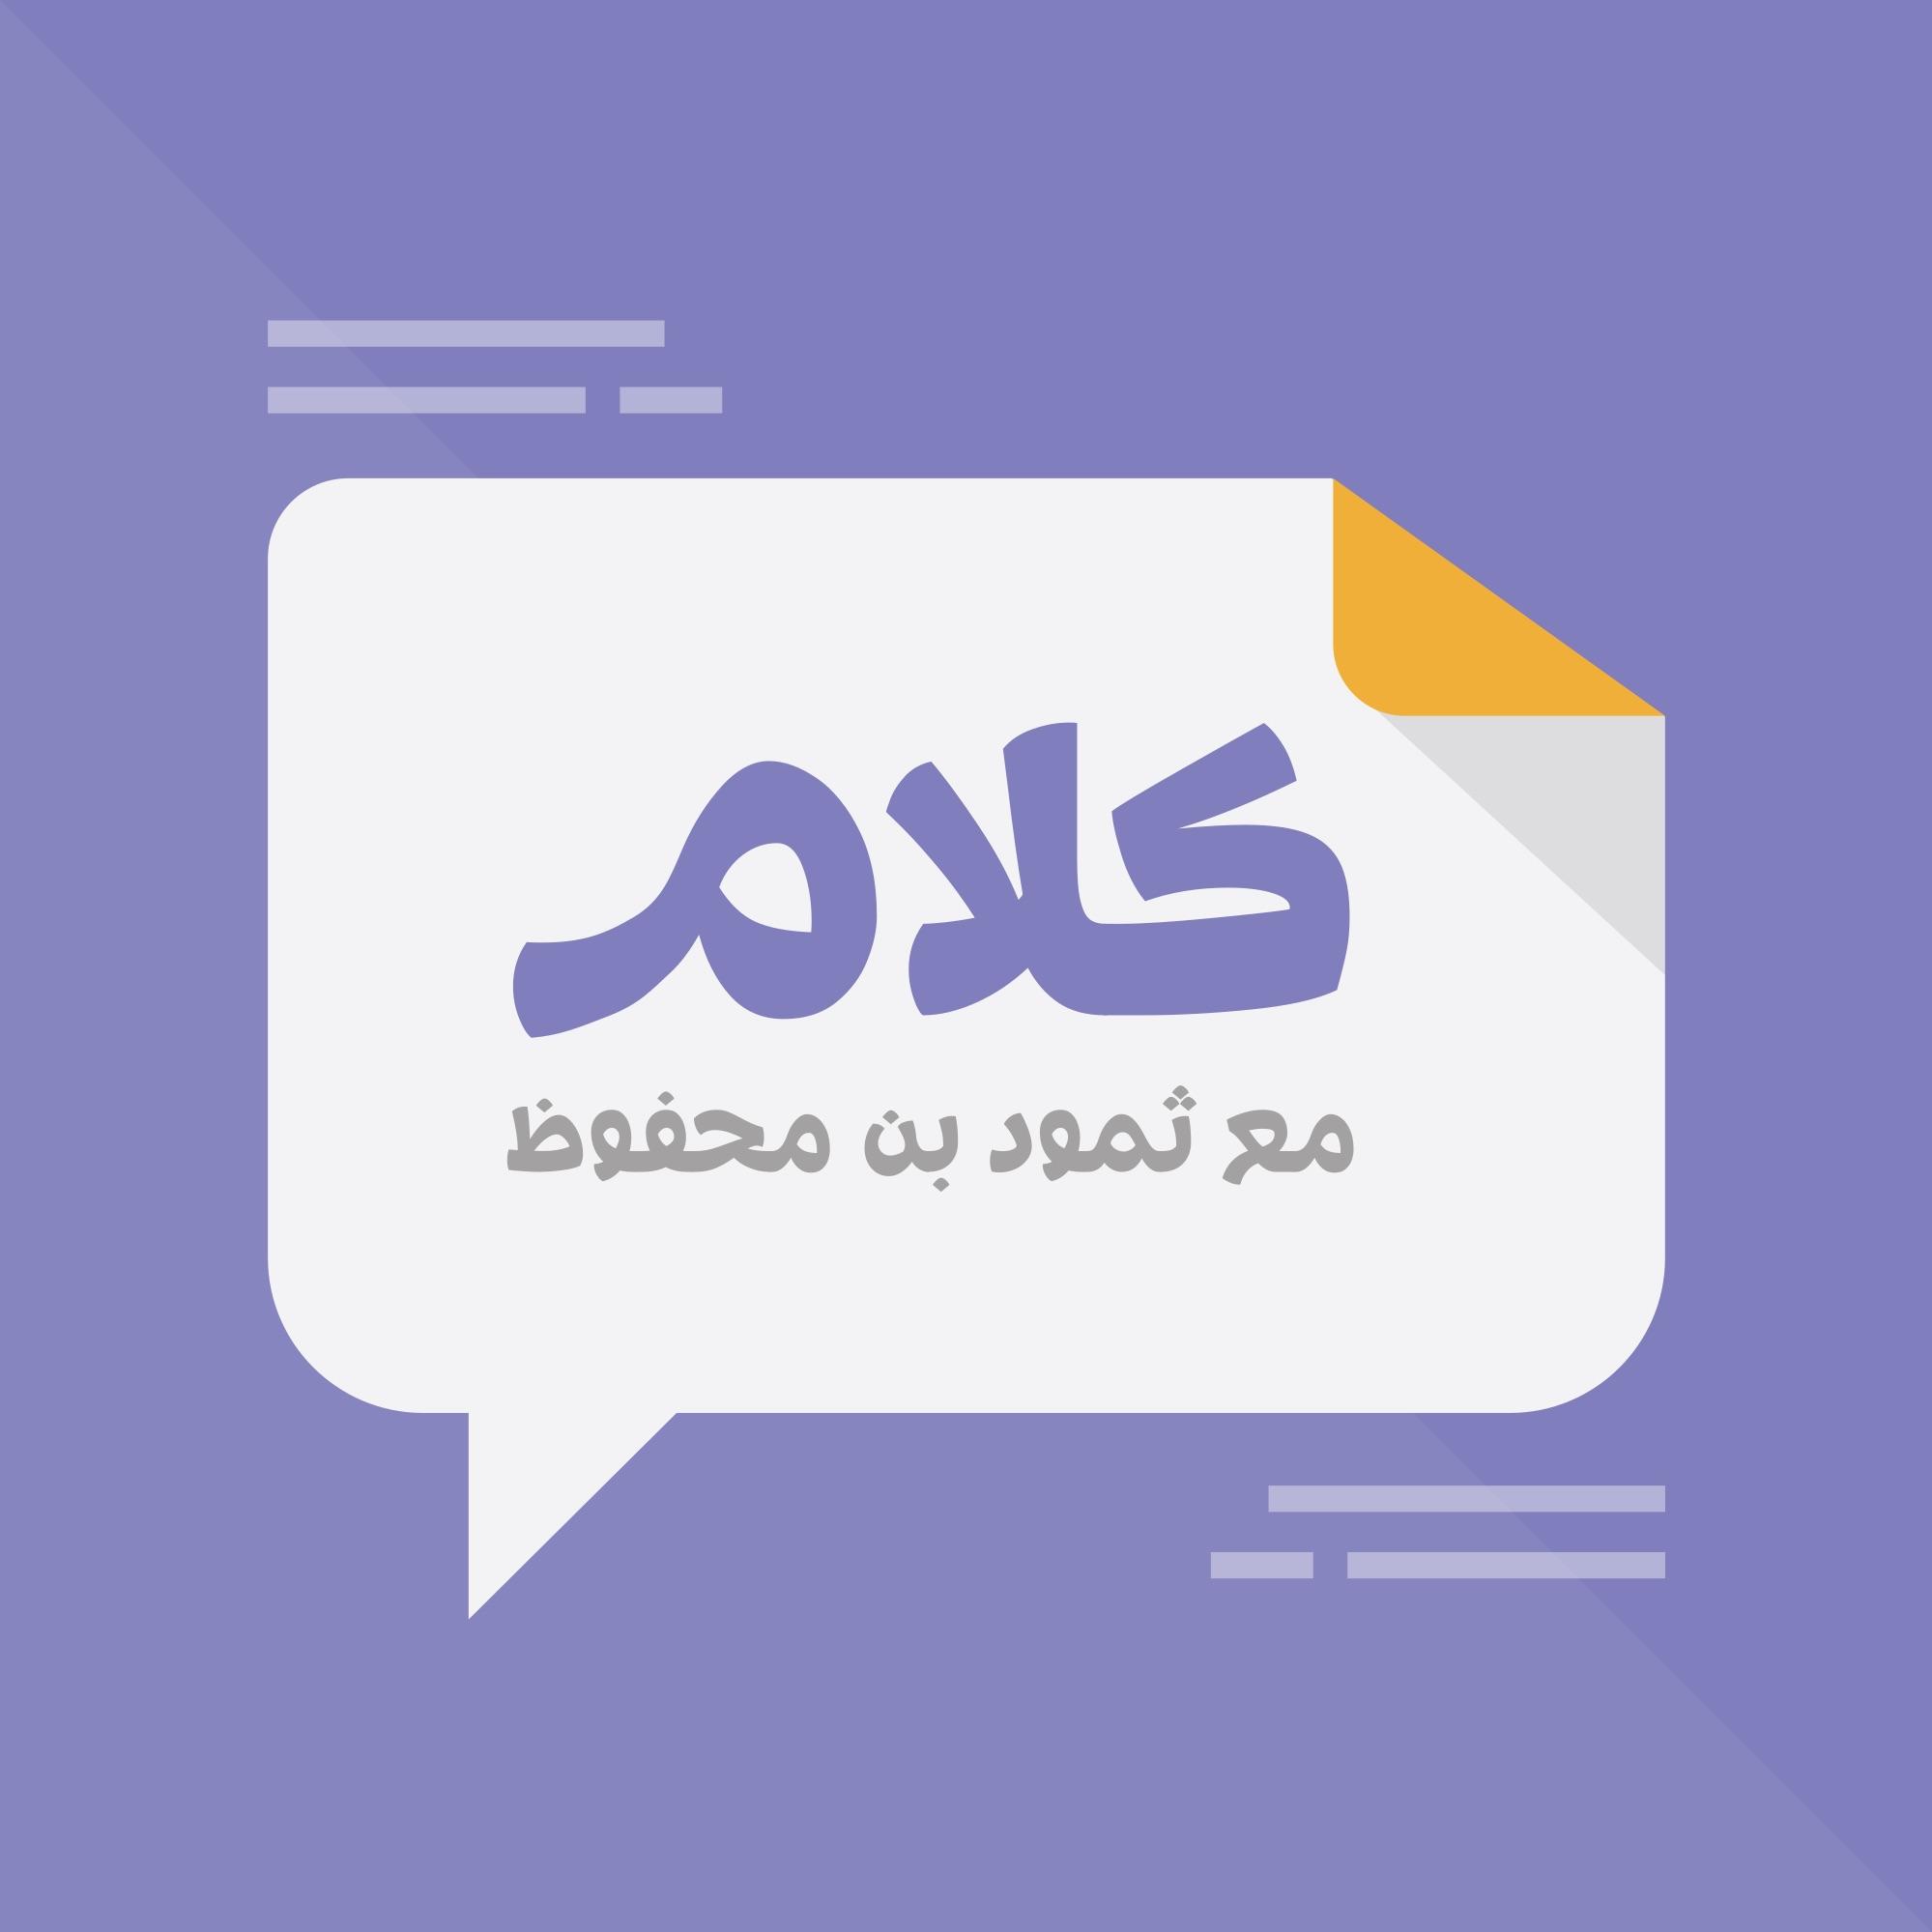 كلام 63: محمد الدوب وأمن المعلومات